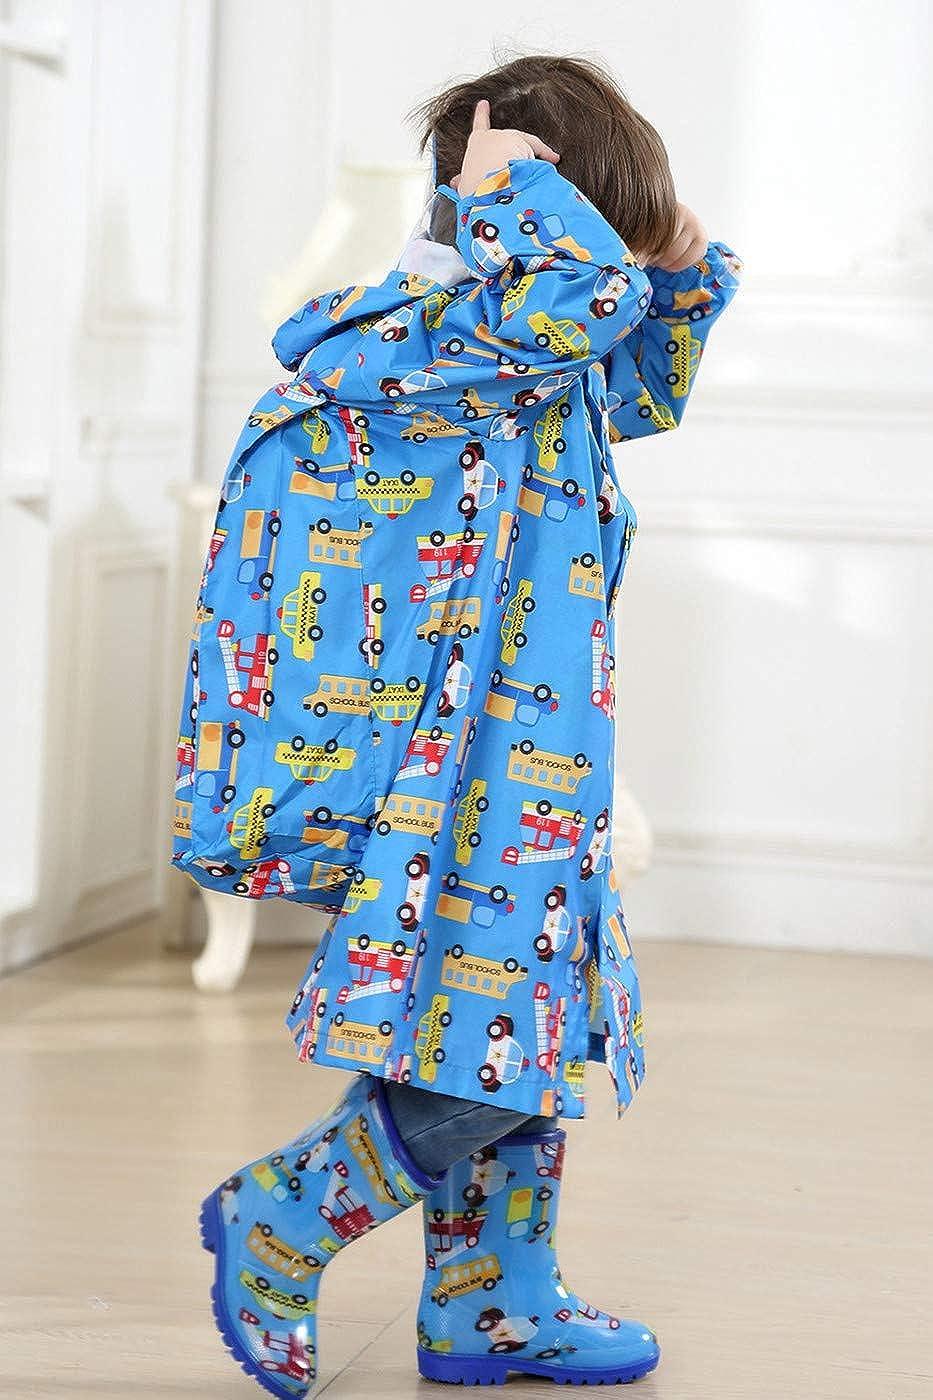 TURMIN Enfants Imperm/éable Imperm/éable avec Sac D/école Position Mignon R/éfl/échissant Poncho De Pluie Gar/çons Filles /À Capuche Respirant Flaque Costume Costume Couverture